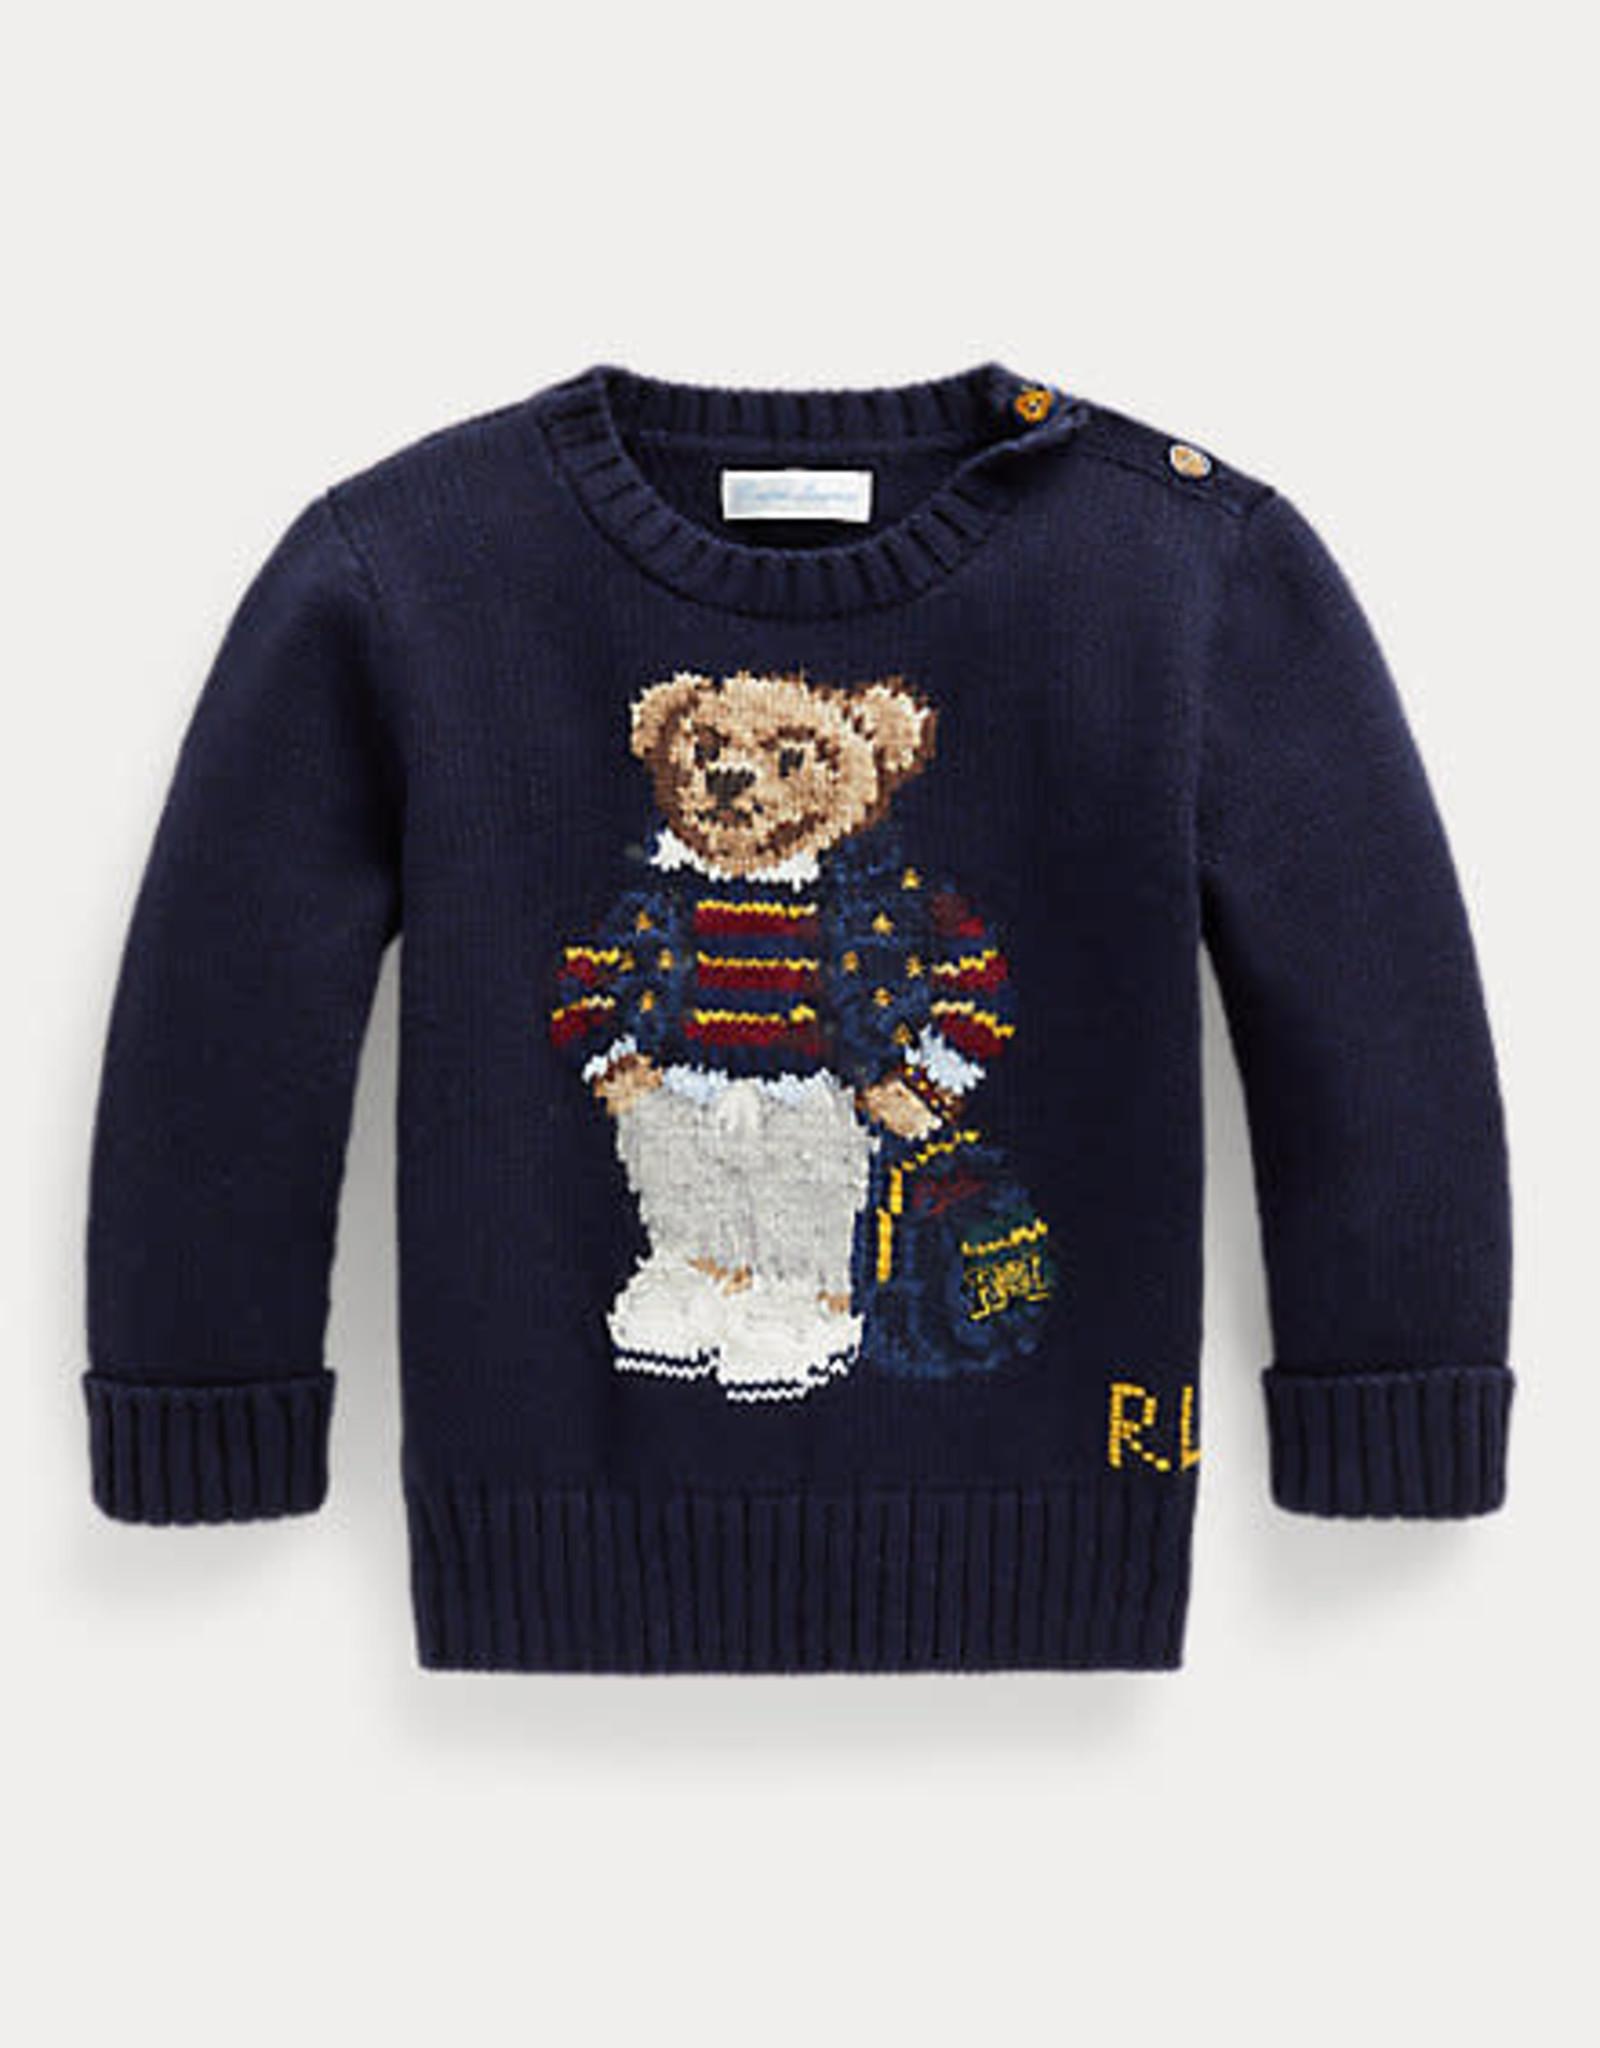 RALPH LAUREN Ls Cn-Tops-Sweater Rl Navy